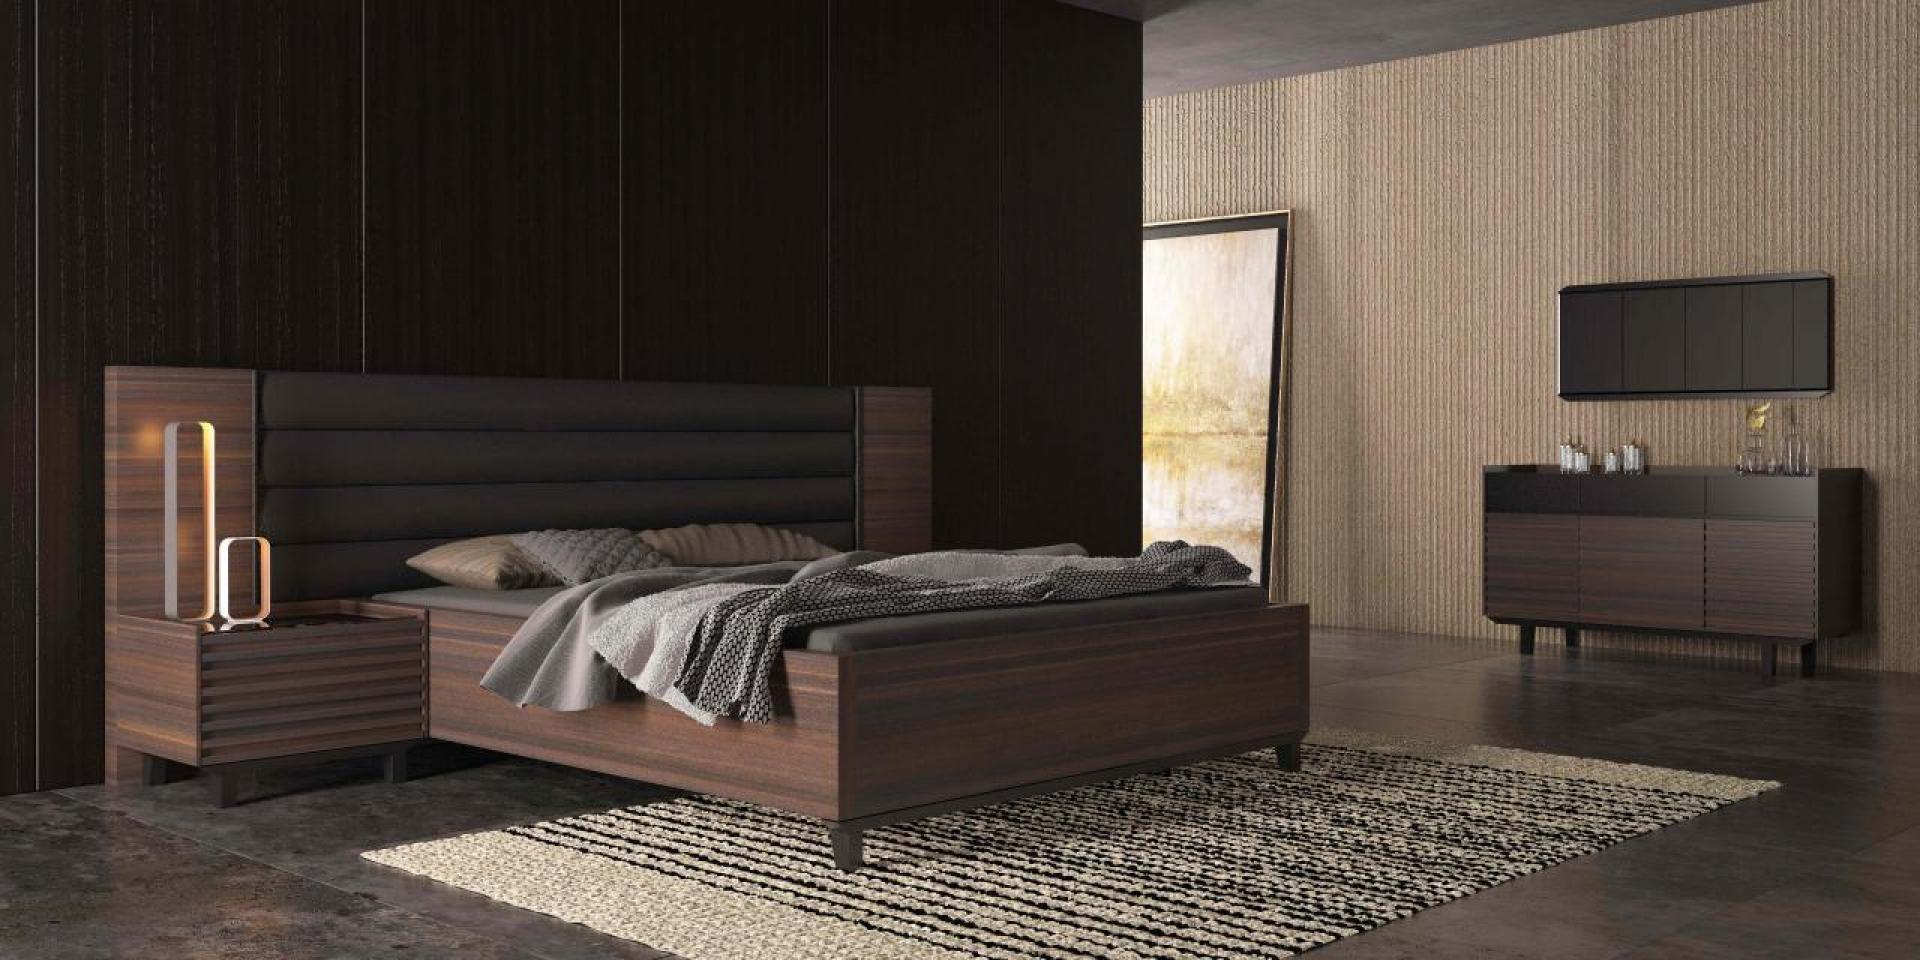 Zeugma Bedrooms